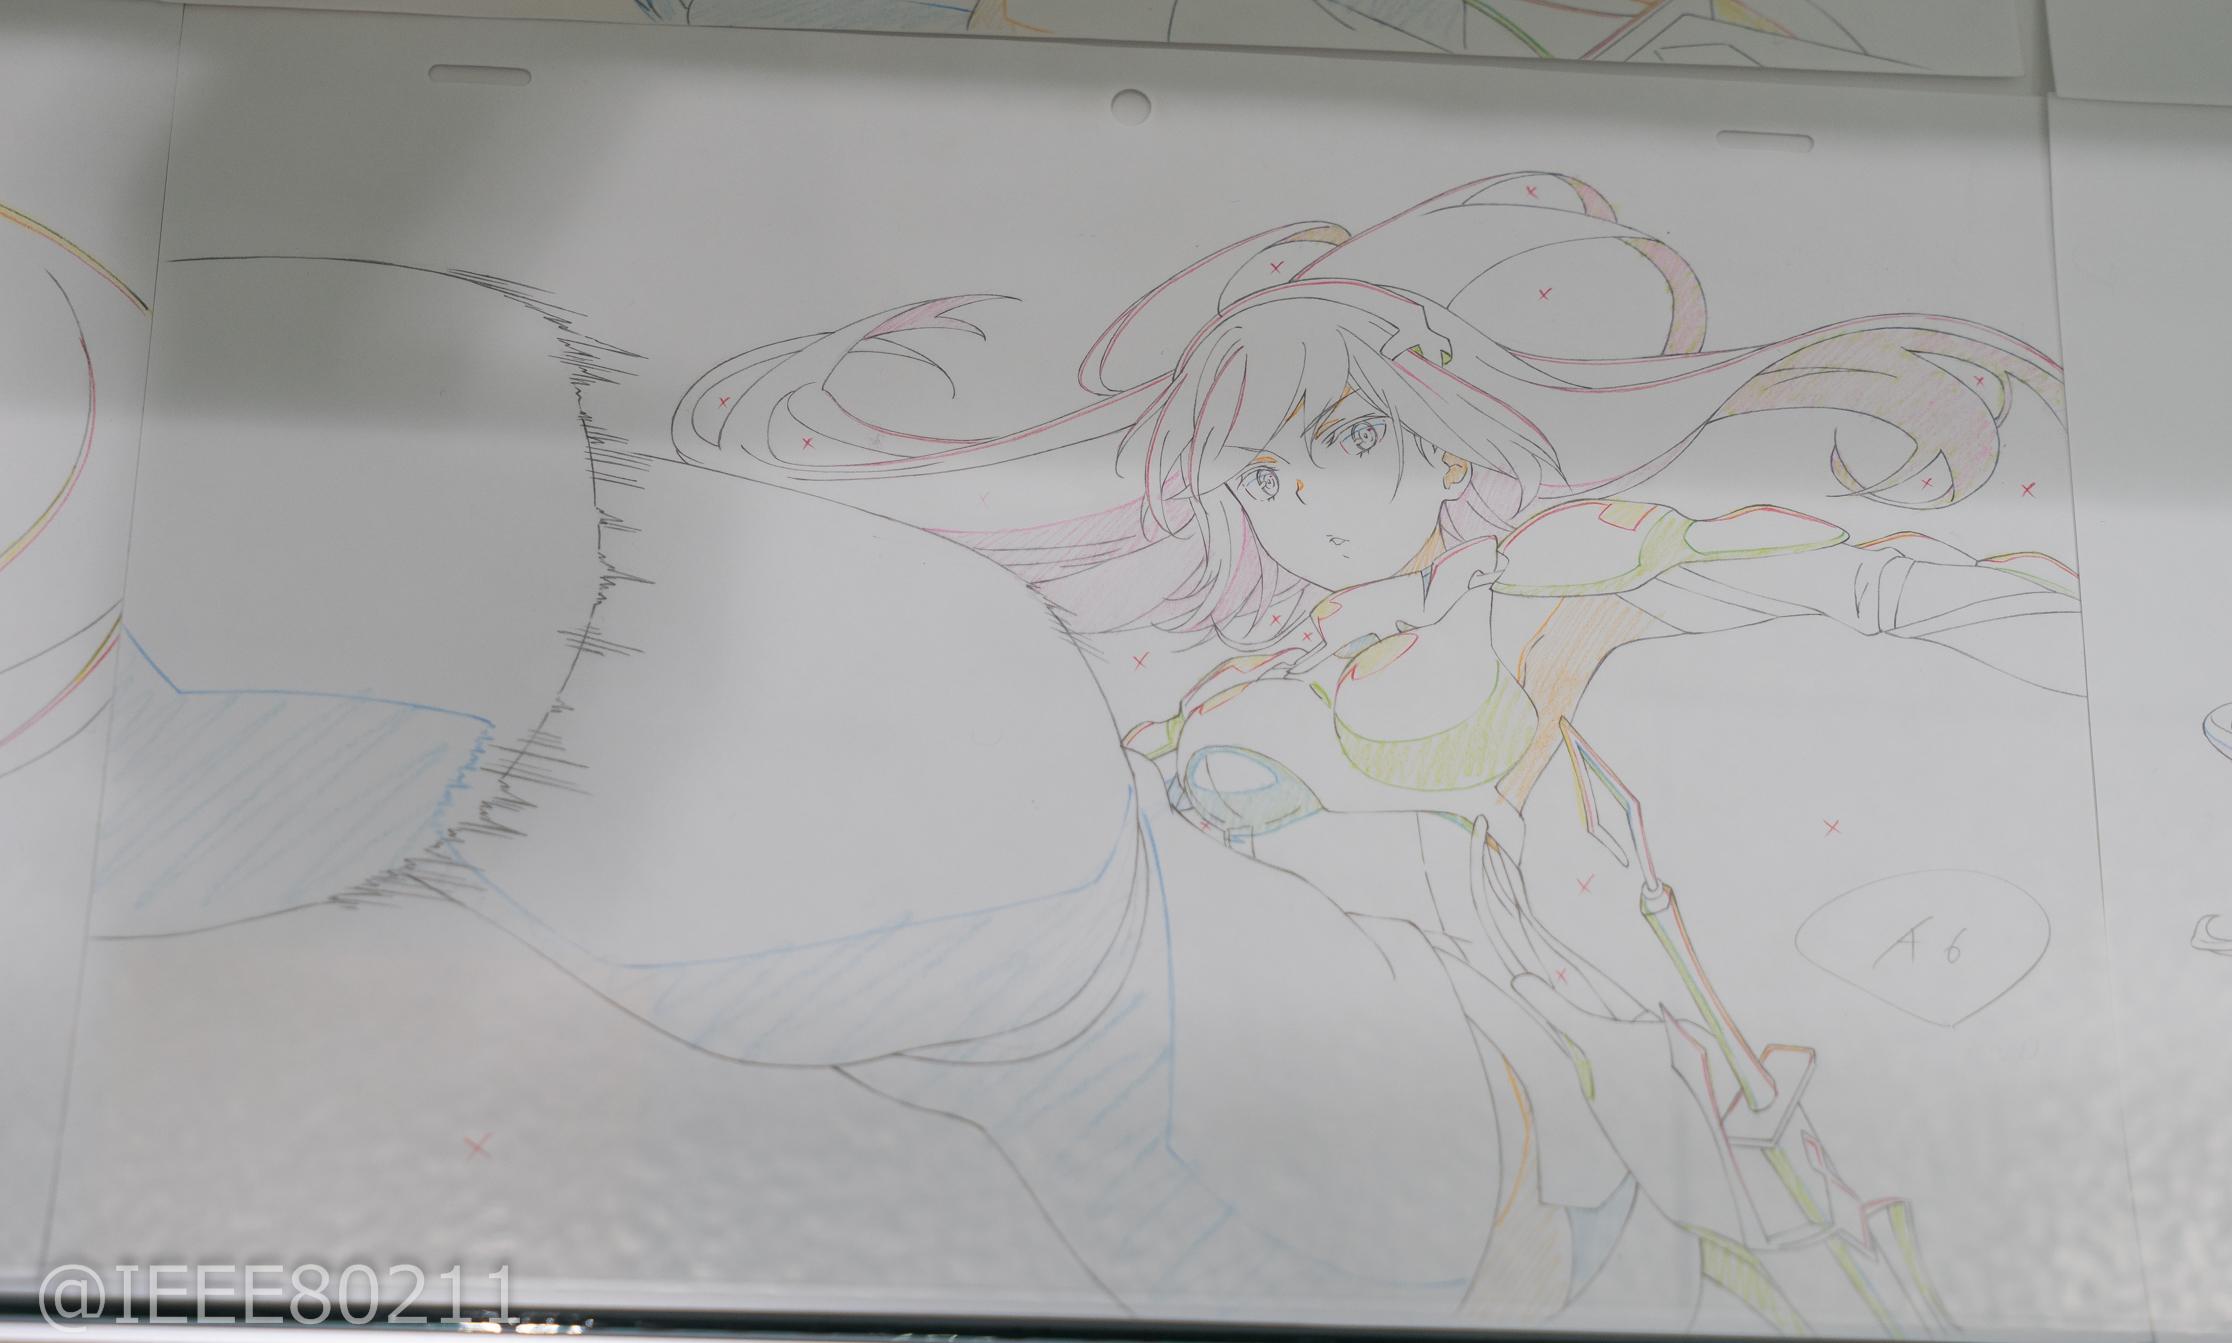 Dungeon ni Deai wo Motomeru no wa Machigatteiru Darou ka Danmachi Exhibition in Akiba Previewed 028